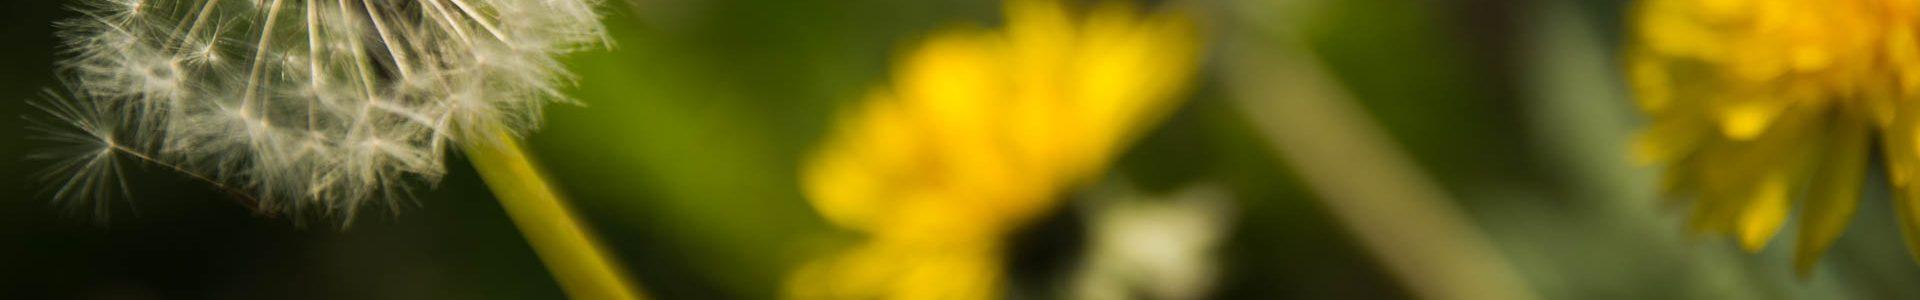 Foto: Frühling IV